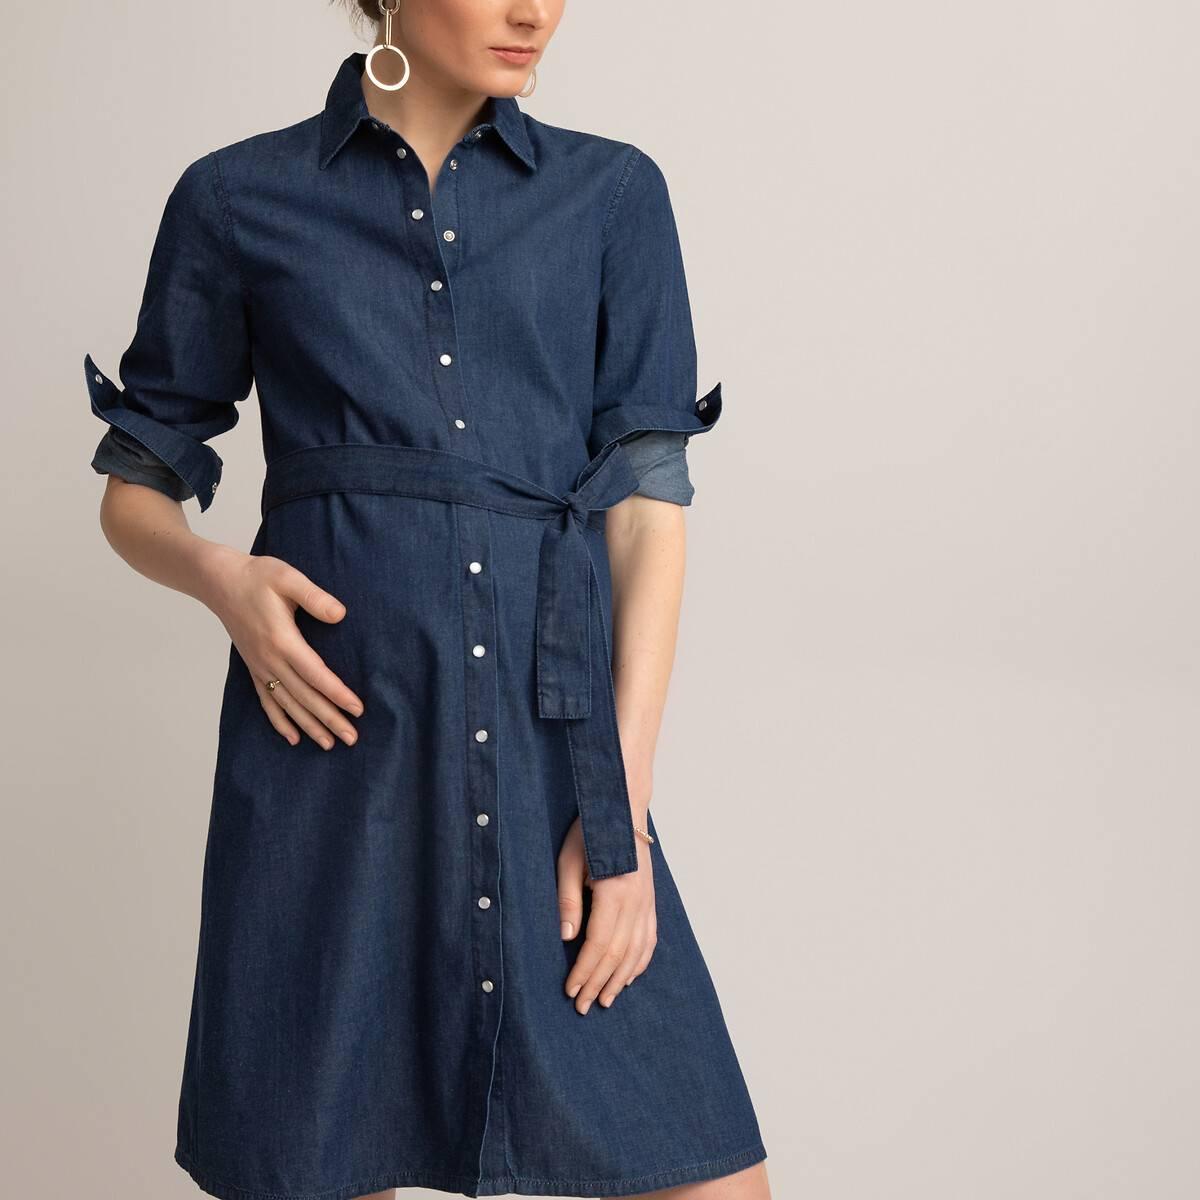 Este vestido camisero vaquero es atemporal. Fácil y moderno, es ideal para antes, durante y después del embarazo